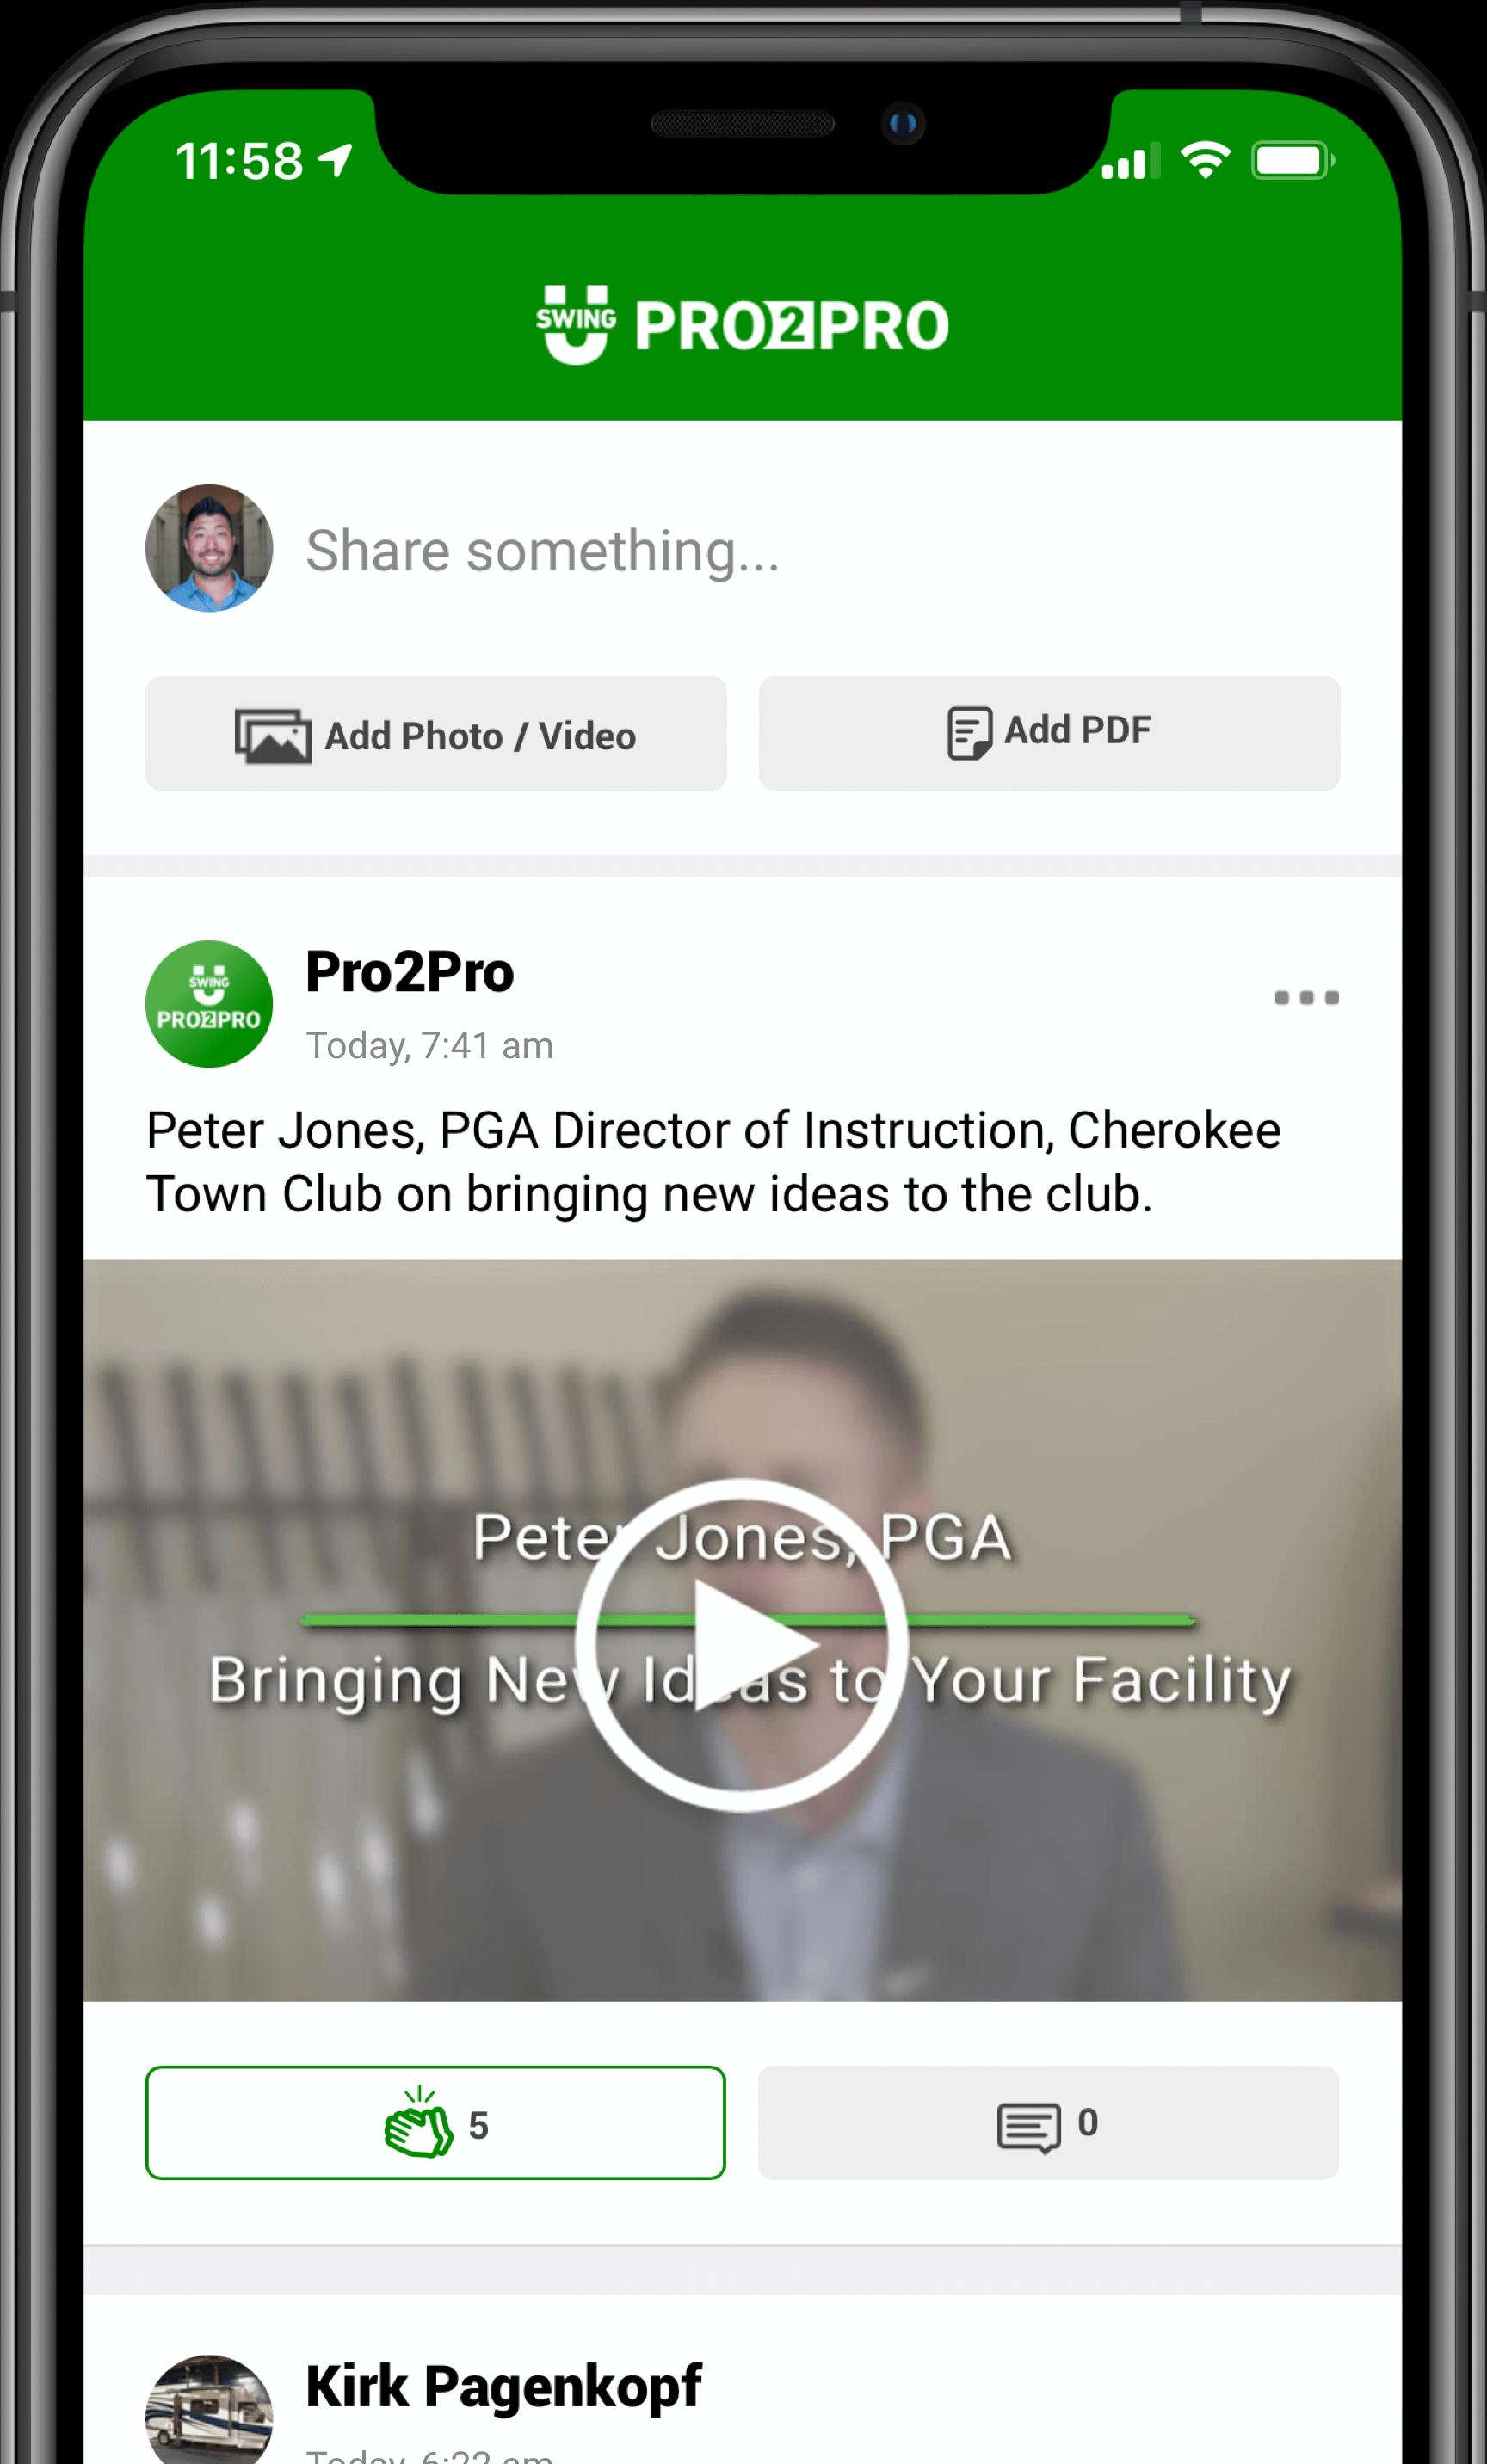 SwingU Pro2Pro Forum